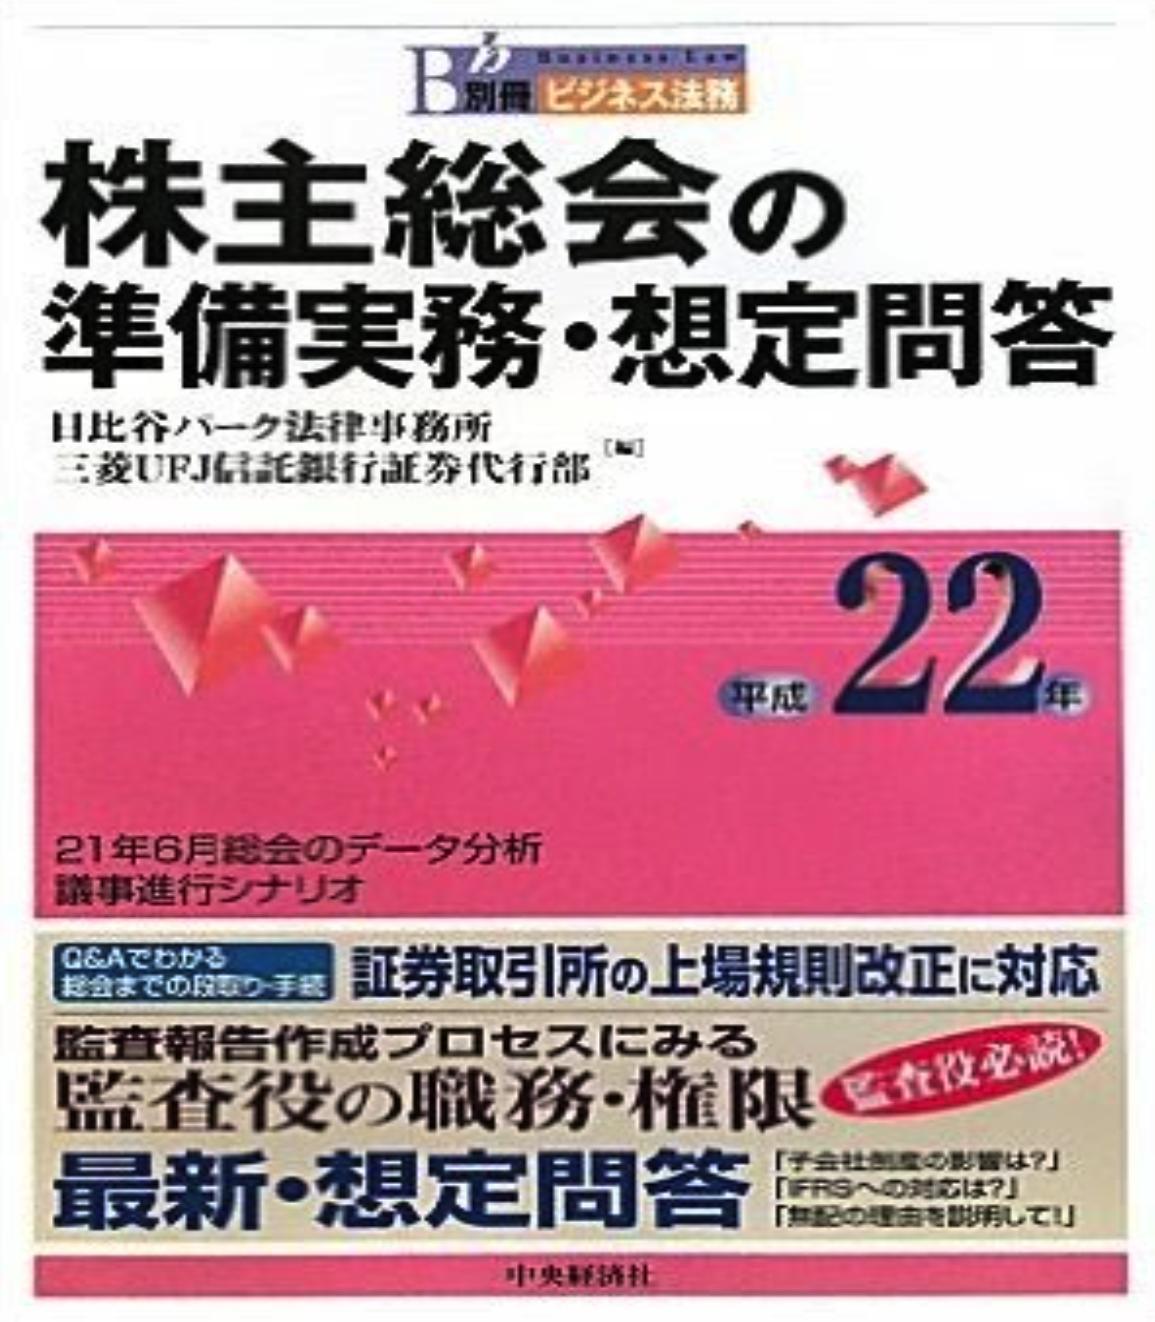 中央経済社   2010年2月